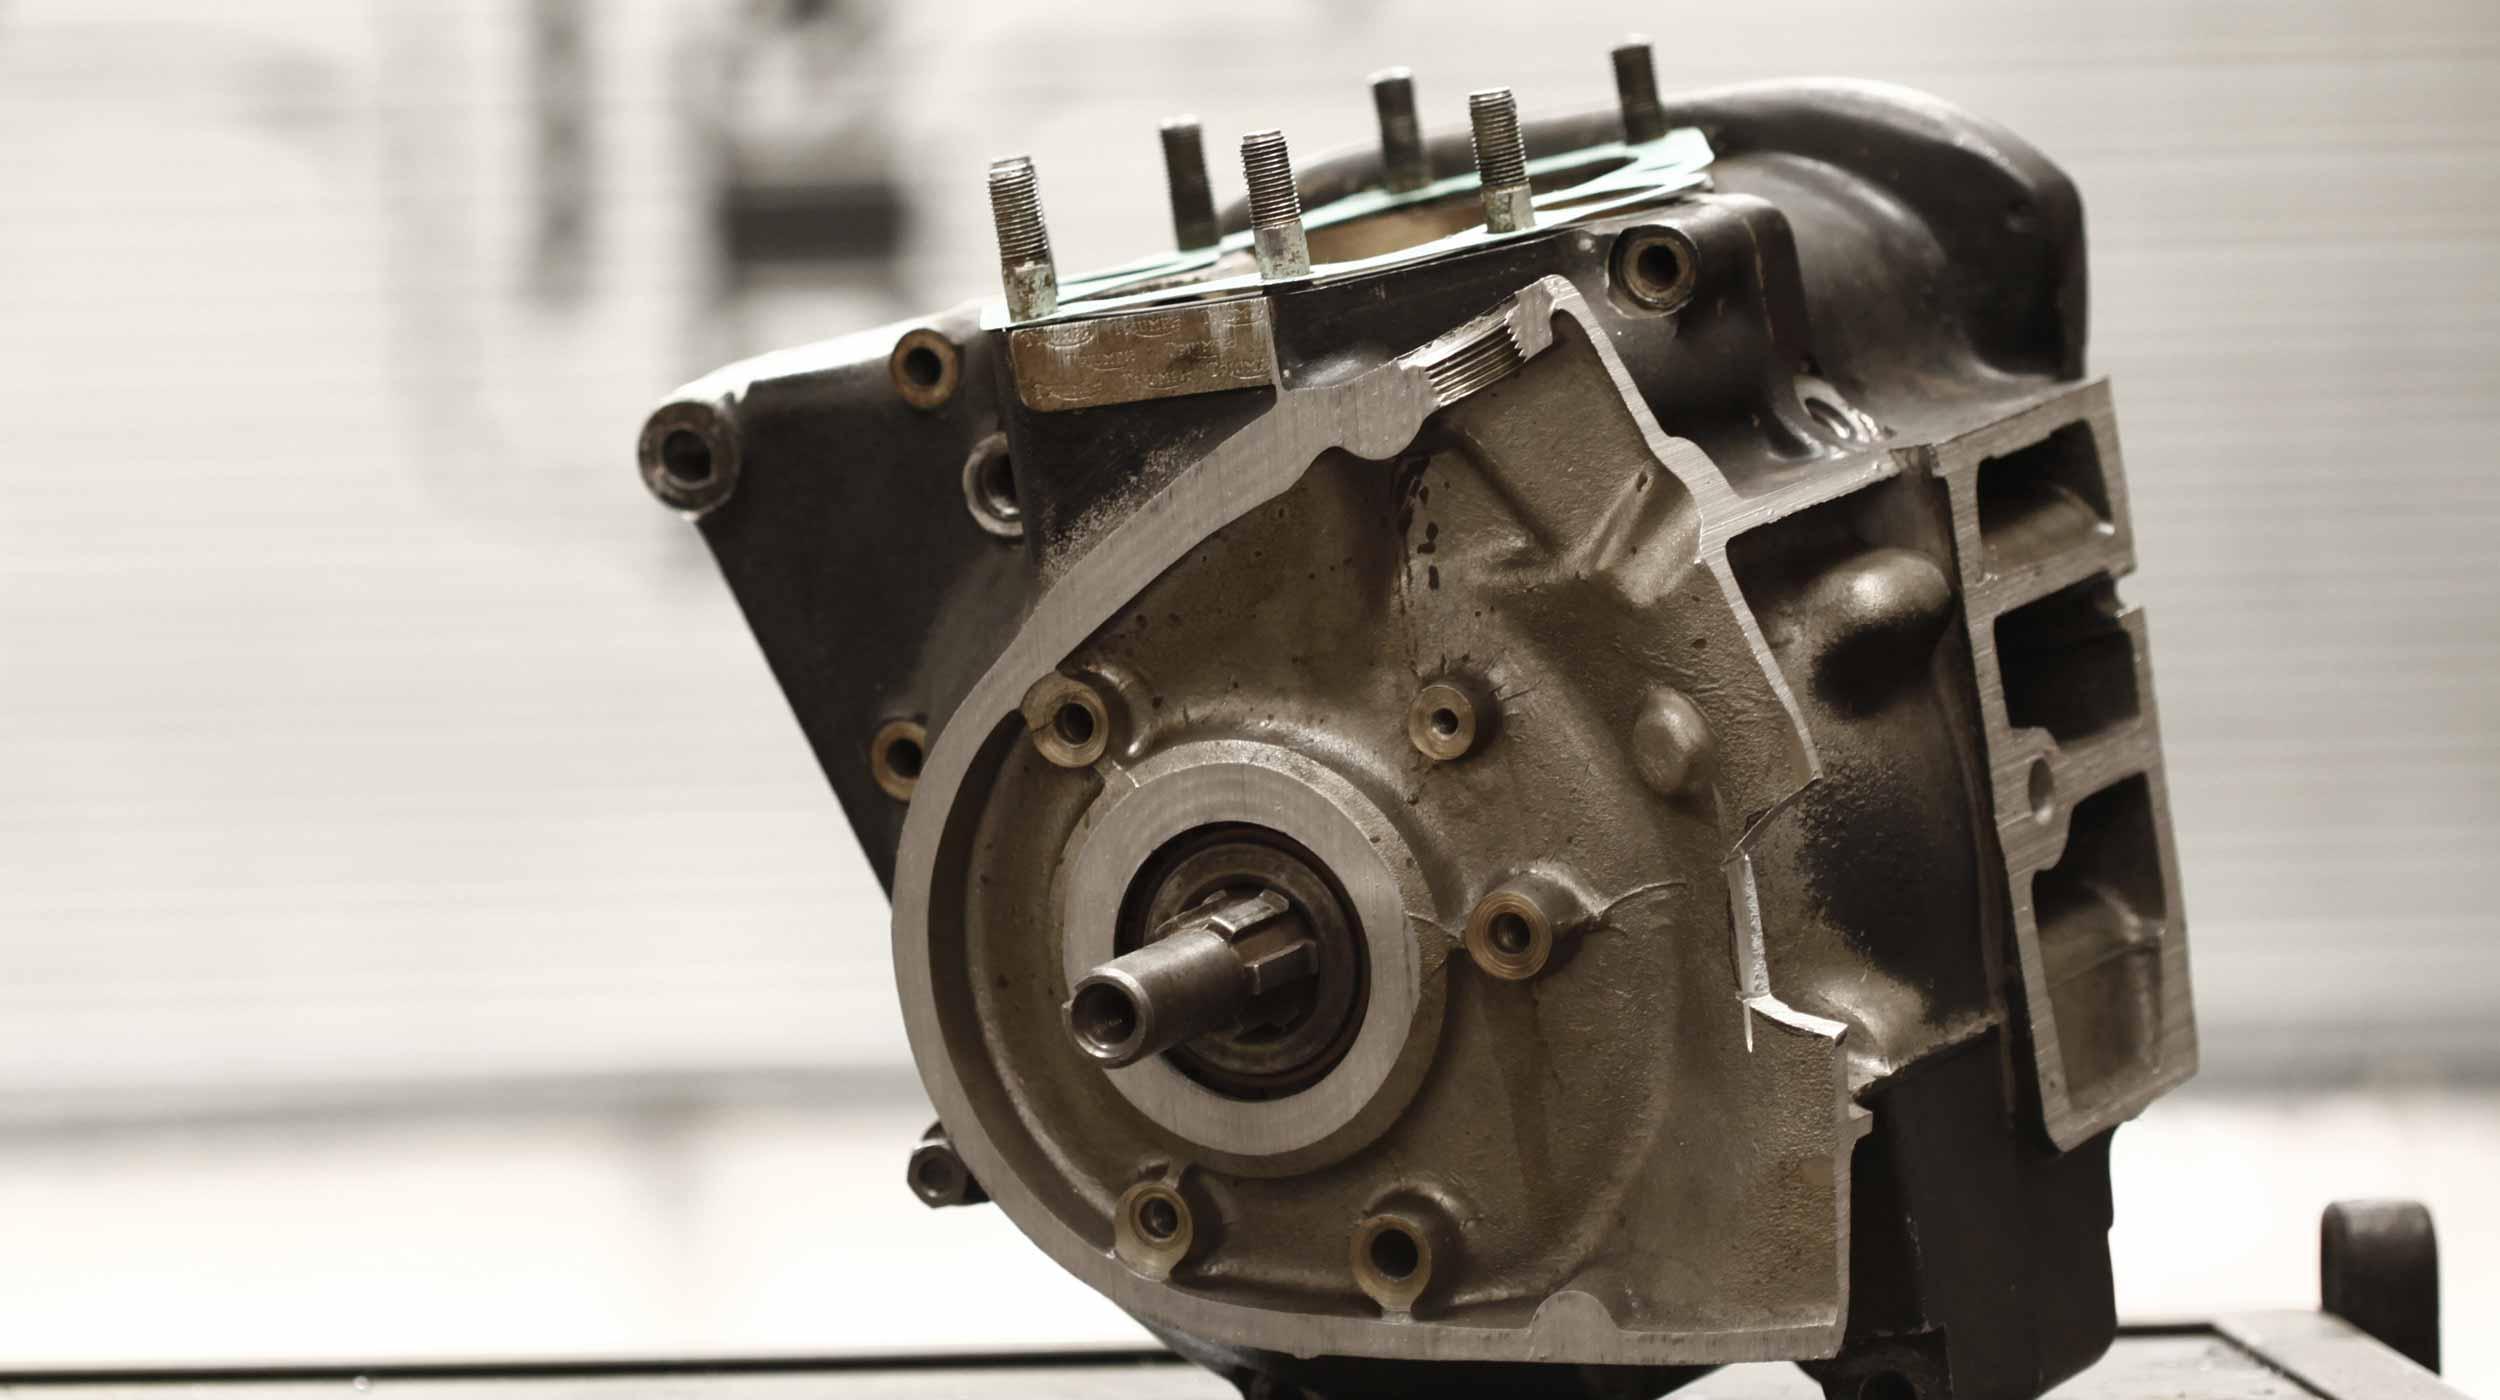 Kestrel-Crank-Post-Separation.jpg